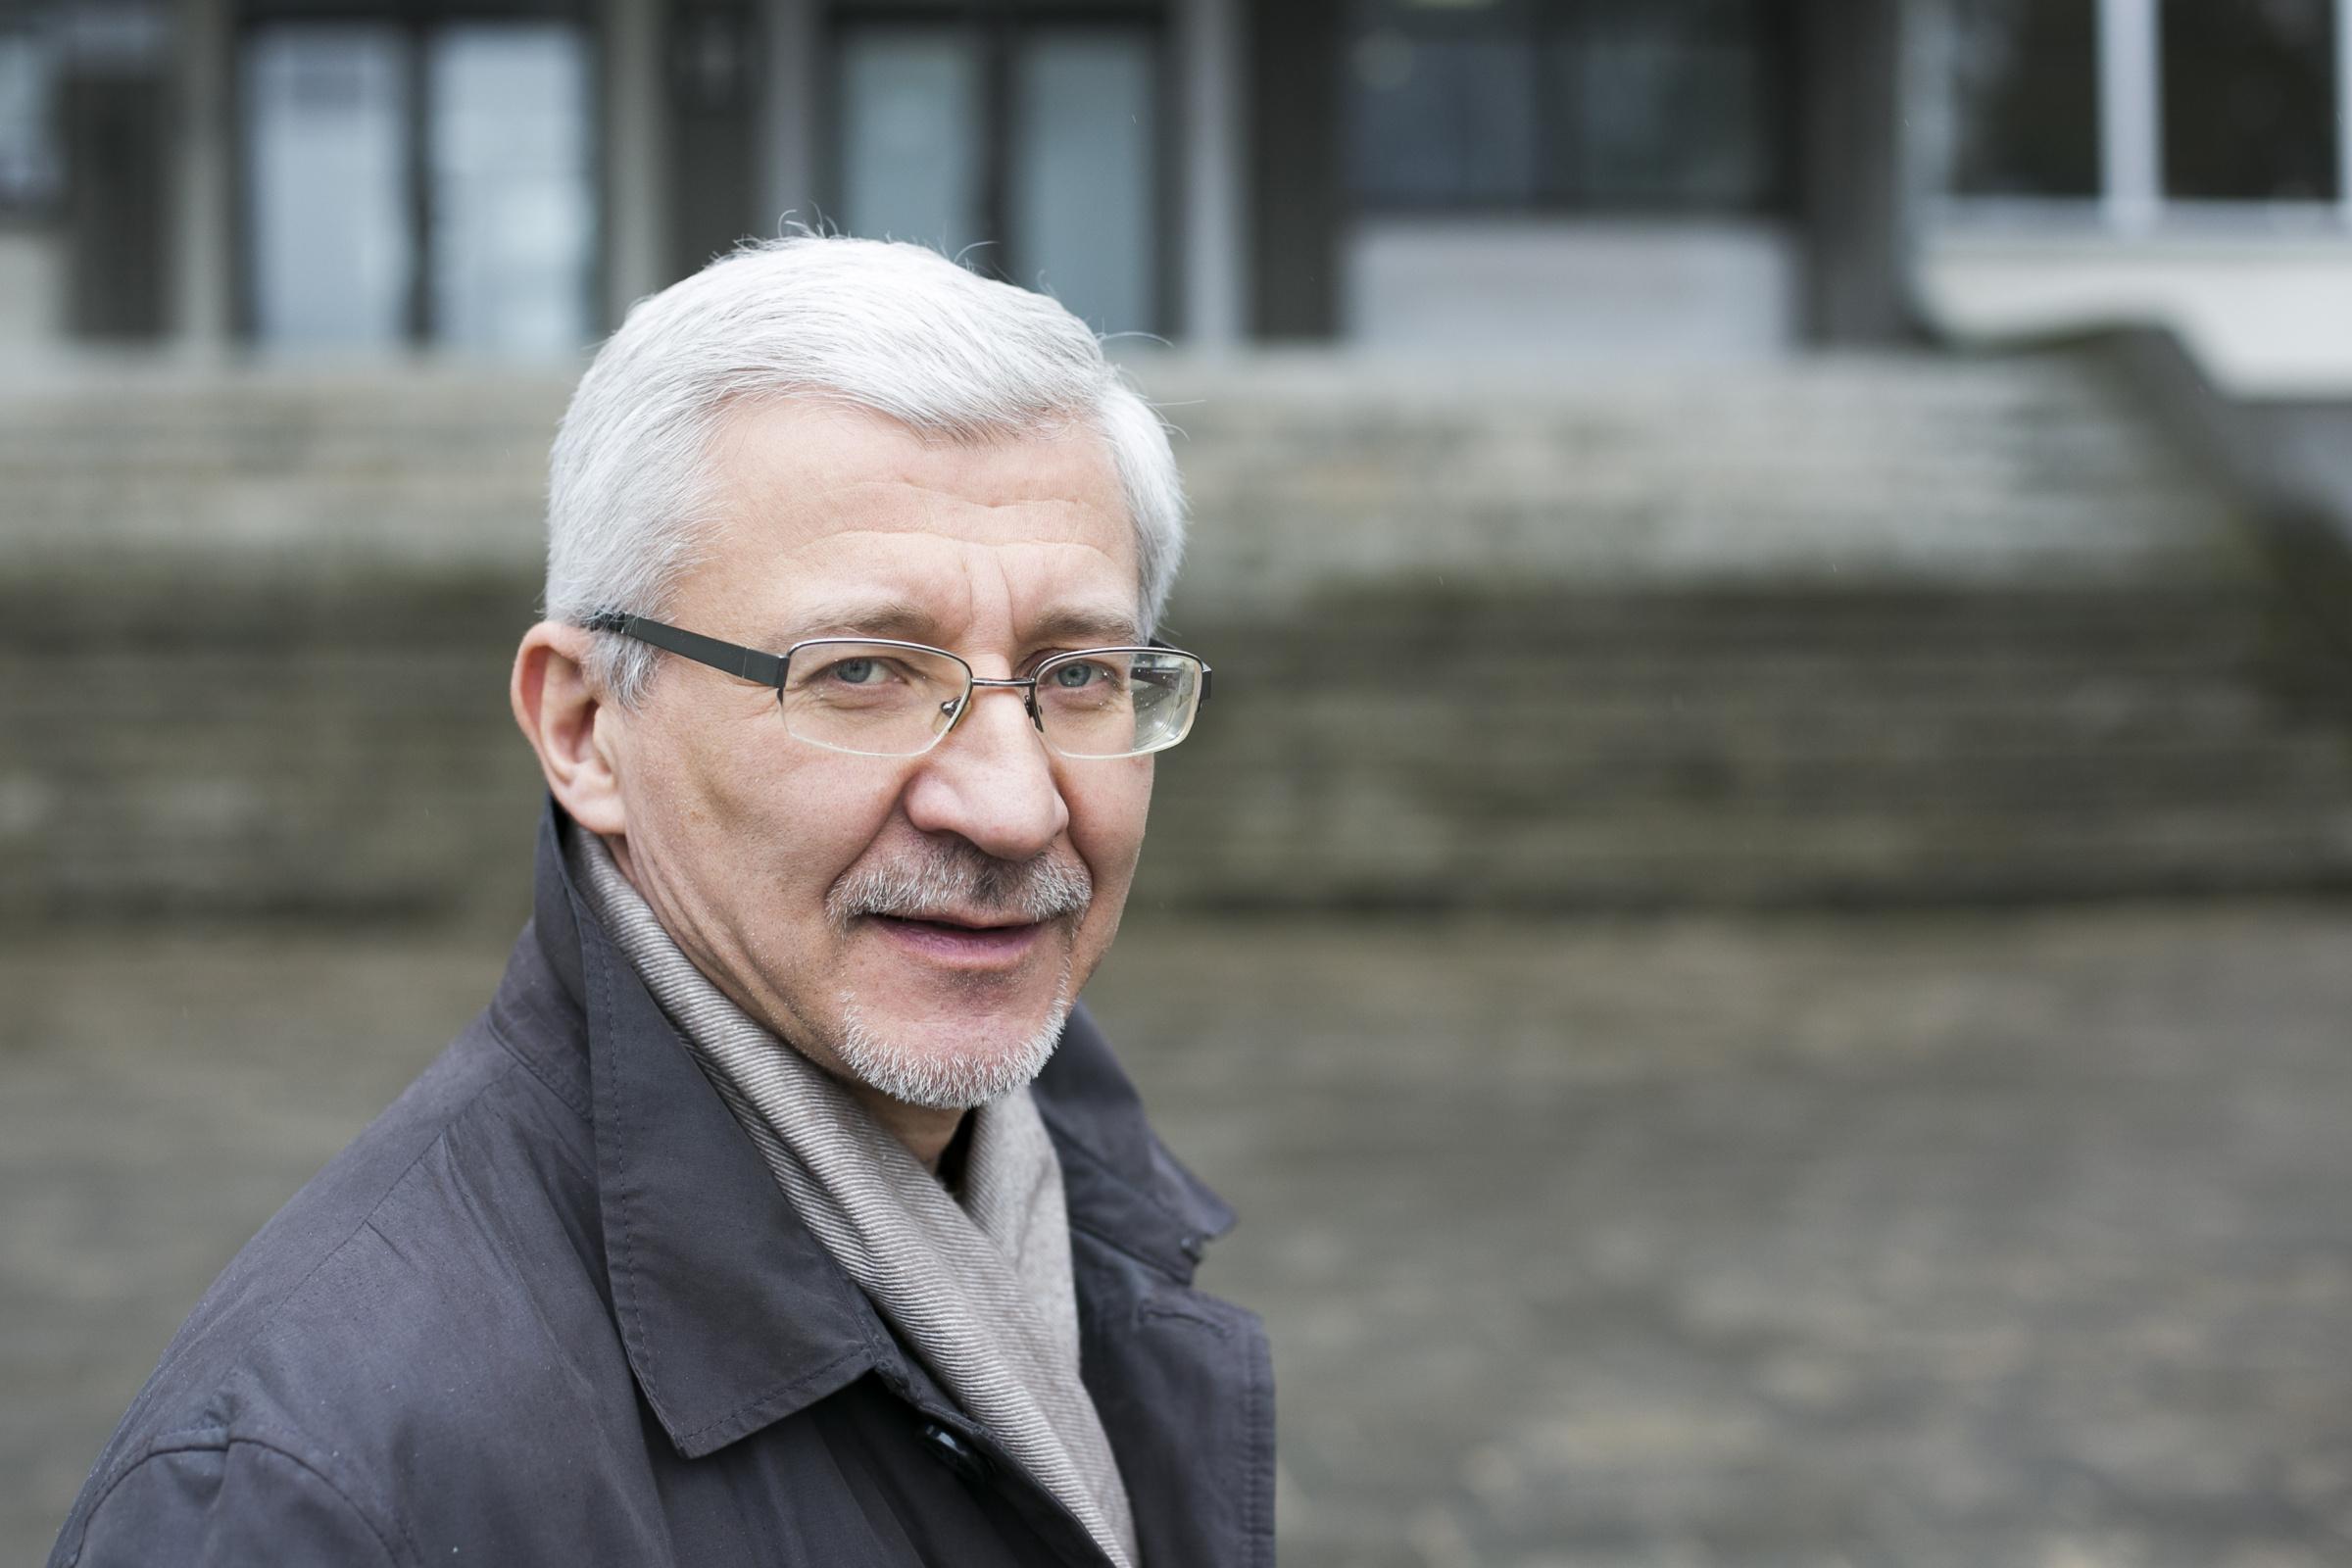 """Boguslavas Gruževskis: """"Pagrindinis akcentas, kodėl perkama lietuviška prekė – tai ekologiškumas."""" BNS nuotr."""